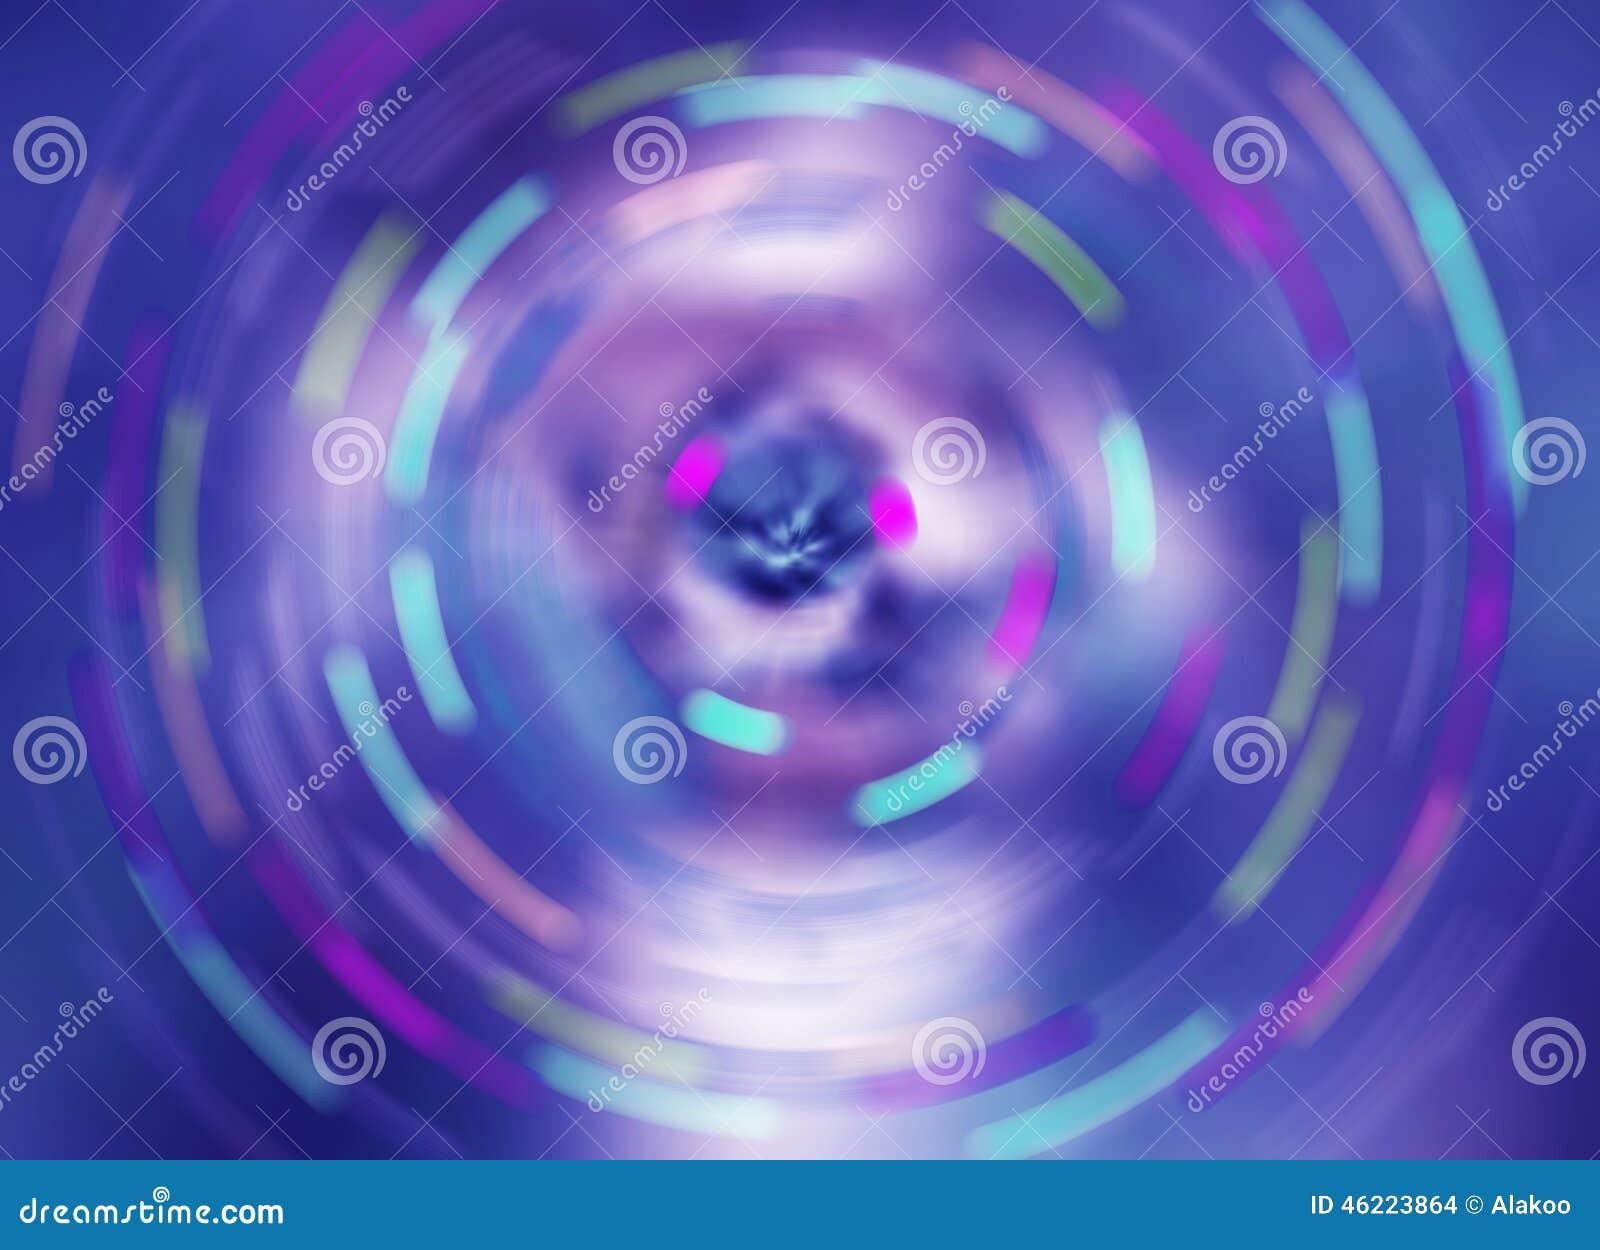 Il colore blu che fila il fondo astratto del mosso della velocità, gira il modello vago la rotazione